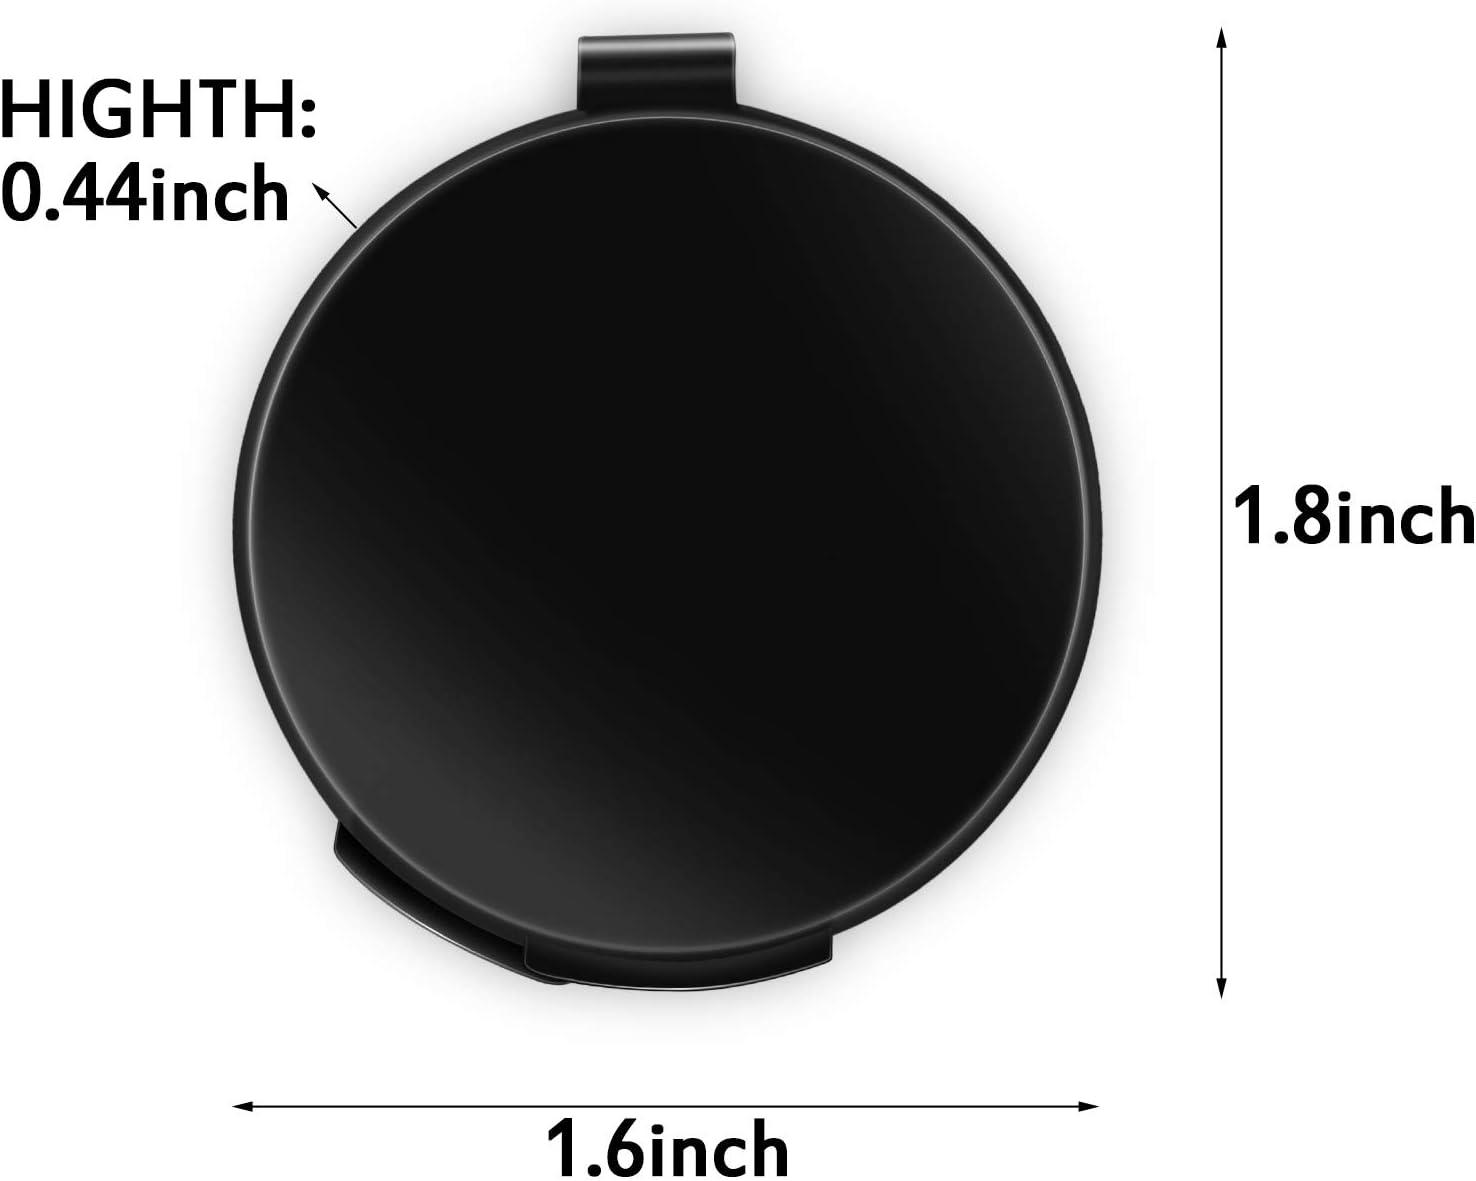 Outus Tampone per Impronte Digitali Professionale Tampone per Inchiostro per Dita Cancellabile ad Asciugatura Rapida con Cancella Impressioni Nere per ID di Identificazione e Sicurezza Tondo